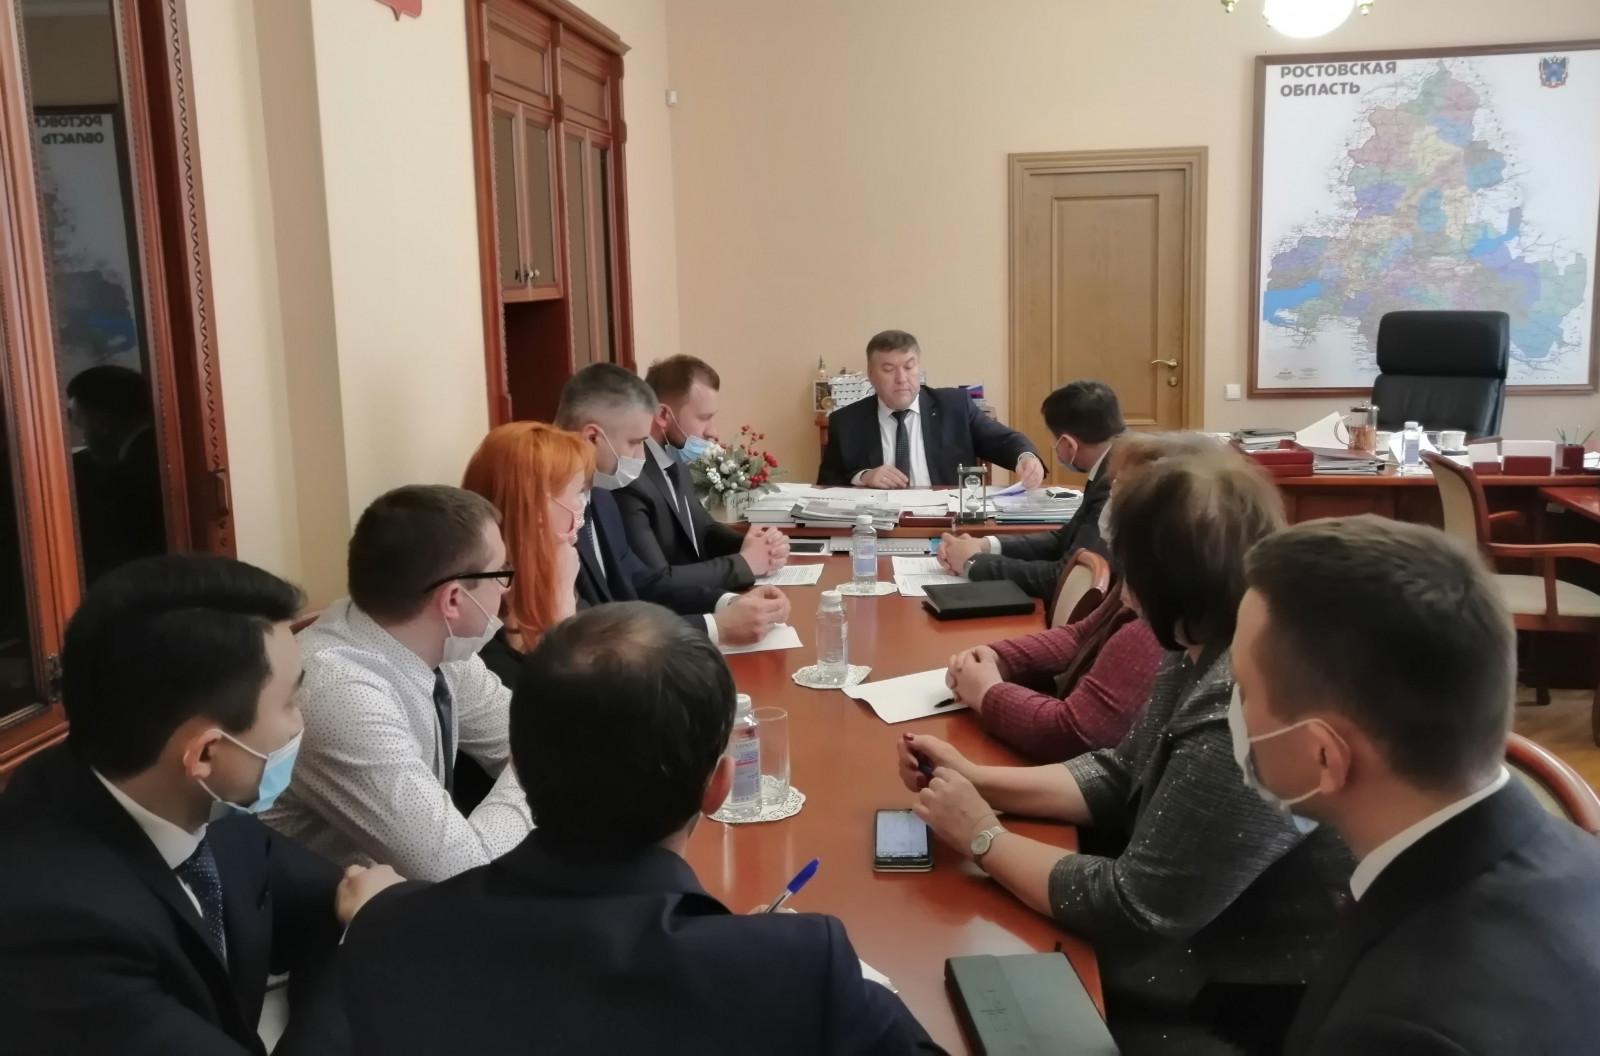 В Ростове состоялось заседание штаба по нормализации водоснабжения города